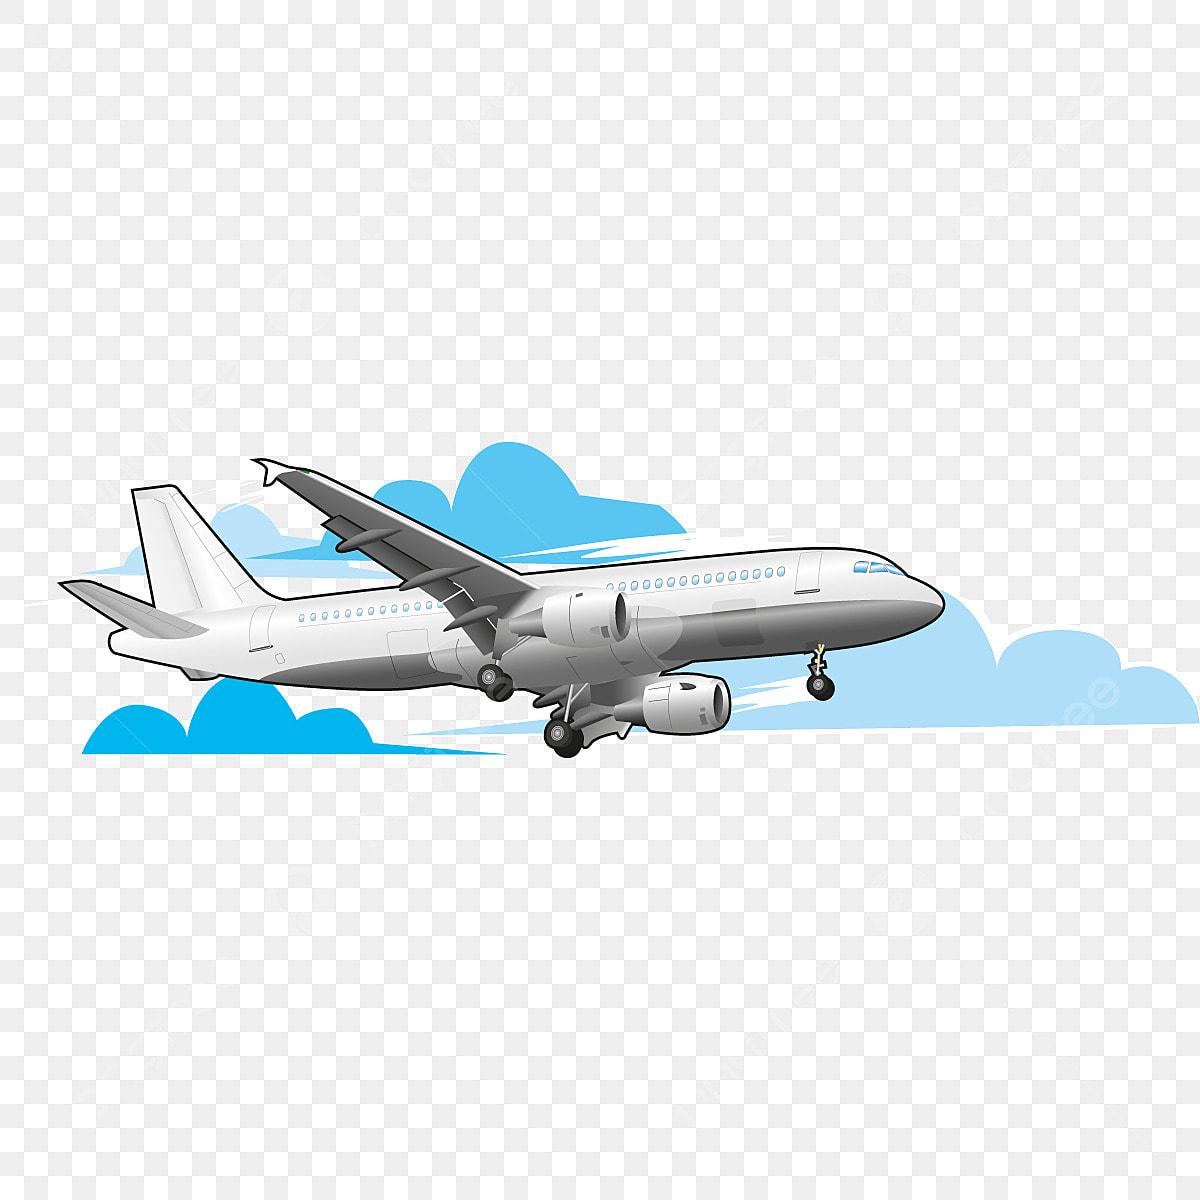 Komersil Pesawat Udara Vektor Pesawat Udara Png Dan Vektor Untuk